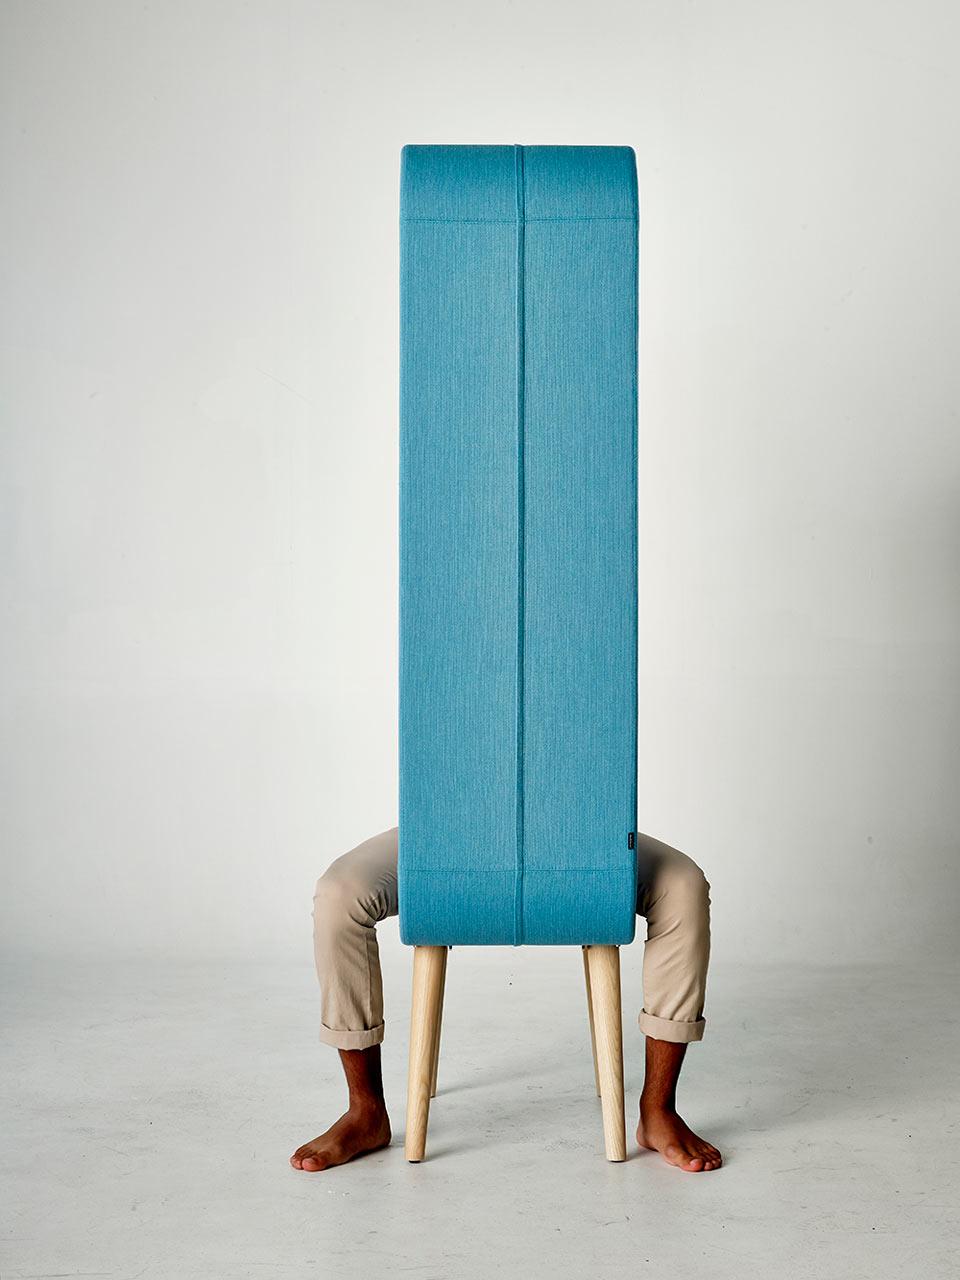 Frame-Chair-Ola-Giertz-Materia-6